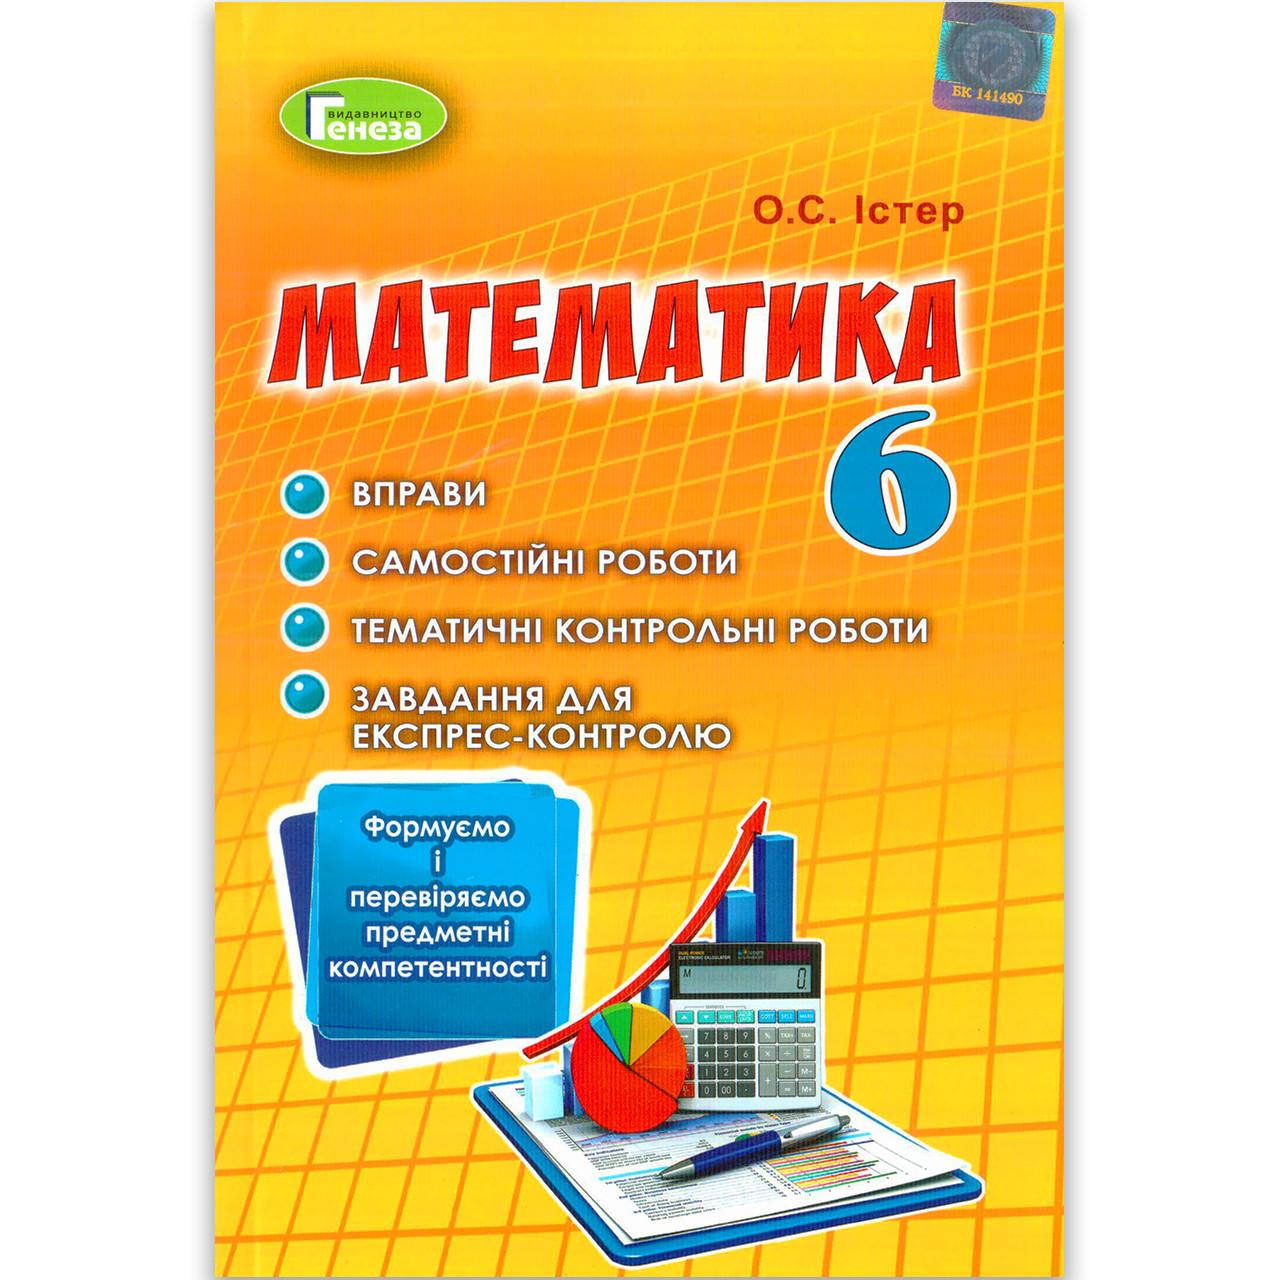 Математика 6 клас Вправи Самостійні роботи Контрольні роботи Експрес-контроль Автор: Істер О. Вид: Генеза